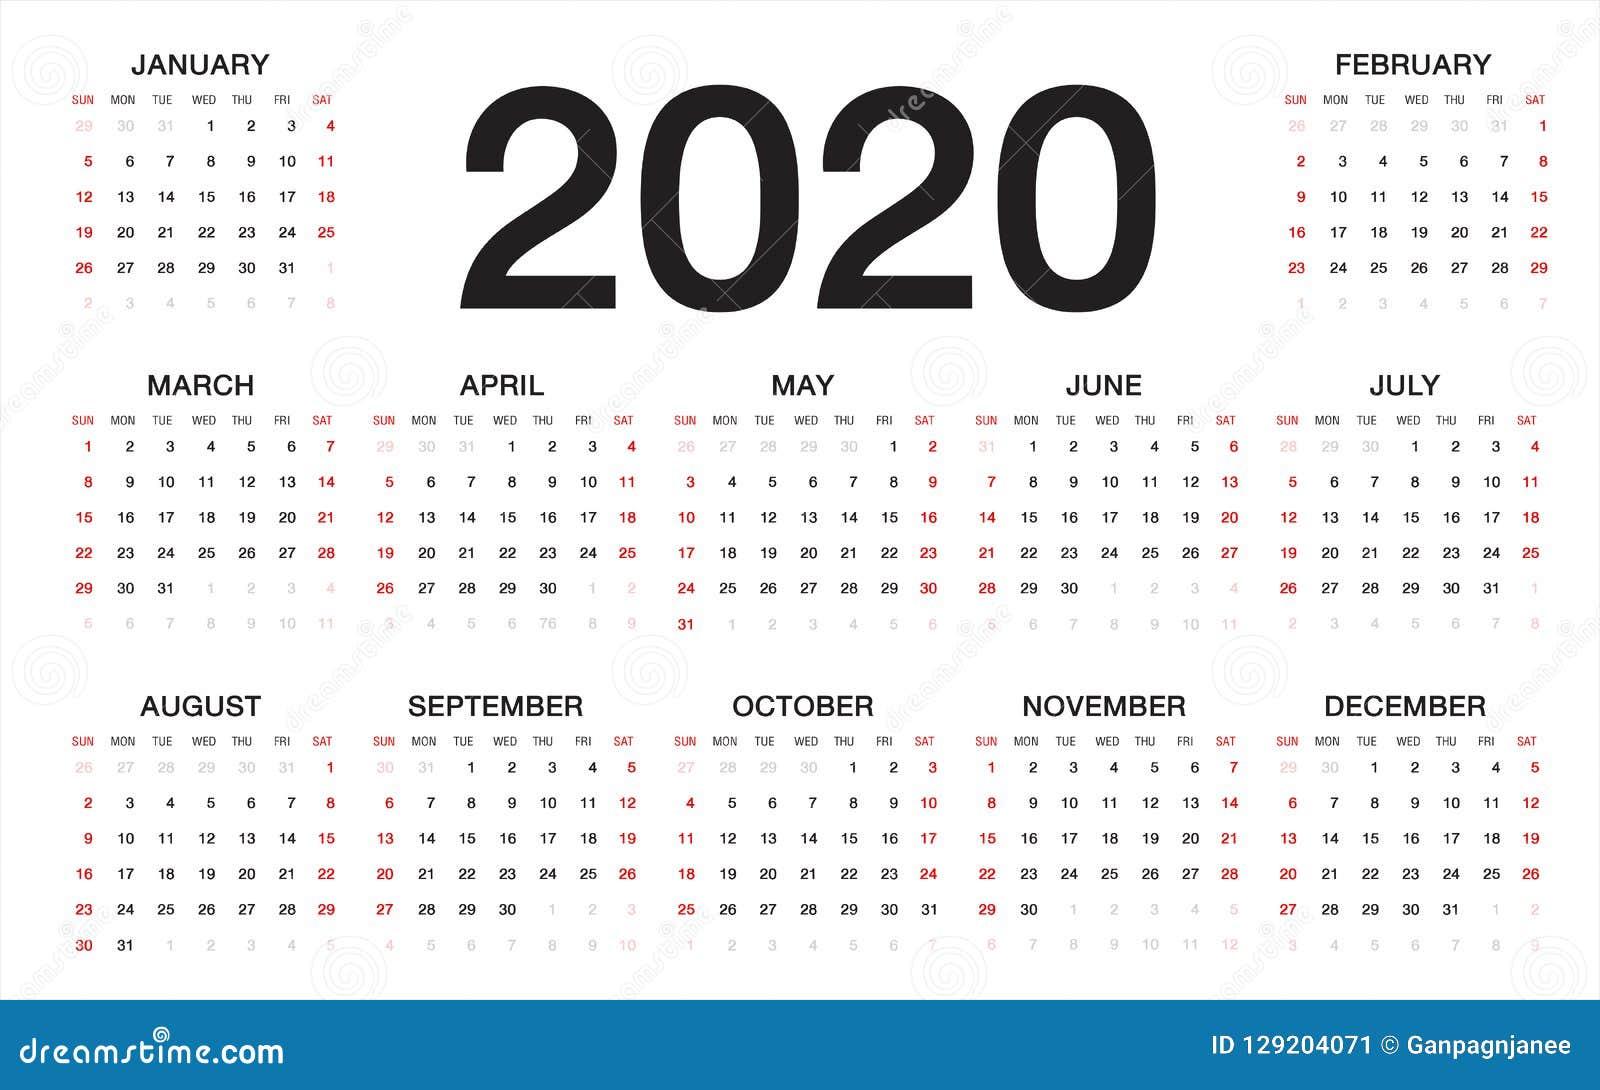 Settimane Calendario 2020.Calendario 2020 Inizio Di Settimana A Partire Da Domenica